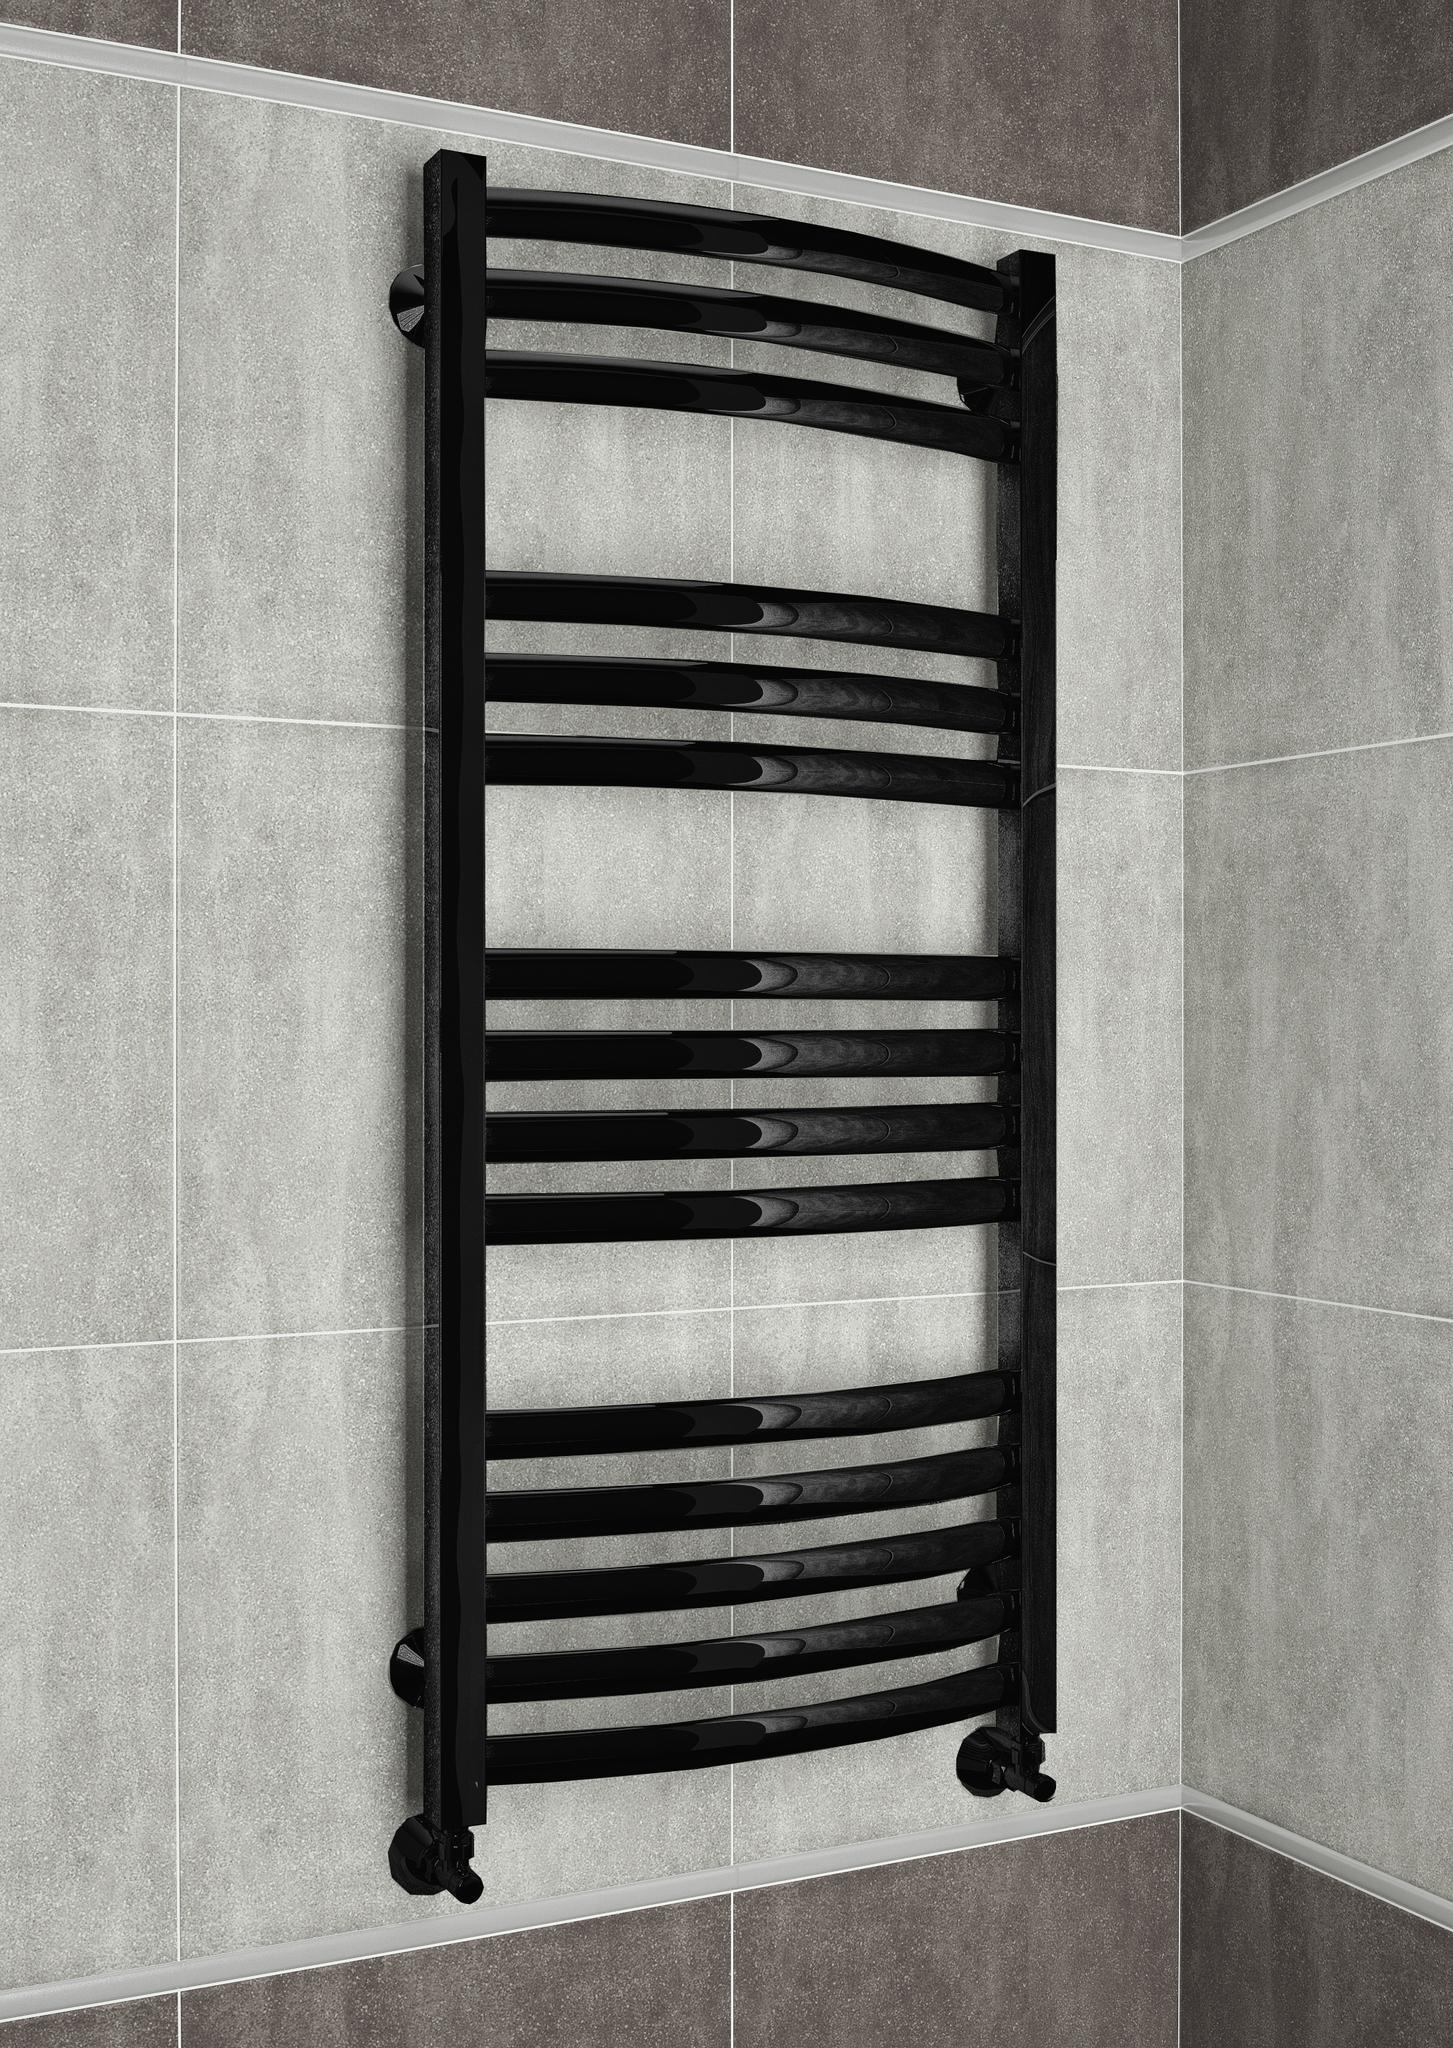 Palermo E - электрический дизайн полотенцесушитель черного цвета.